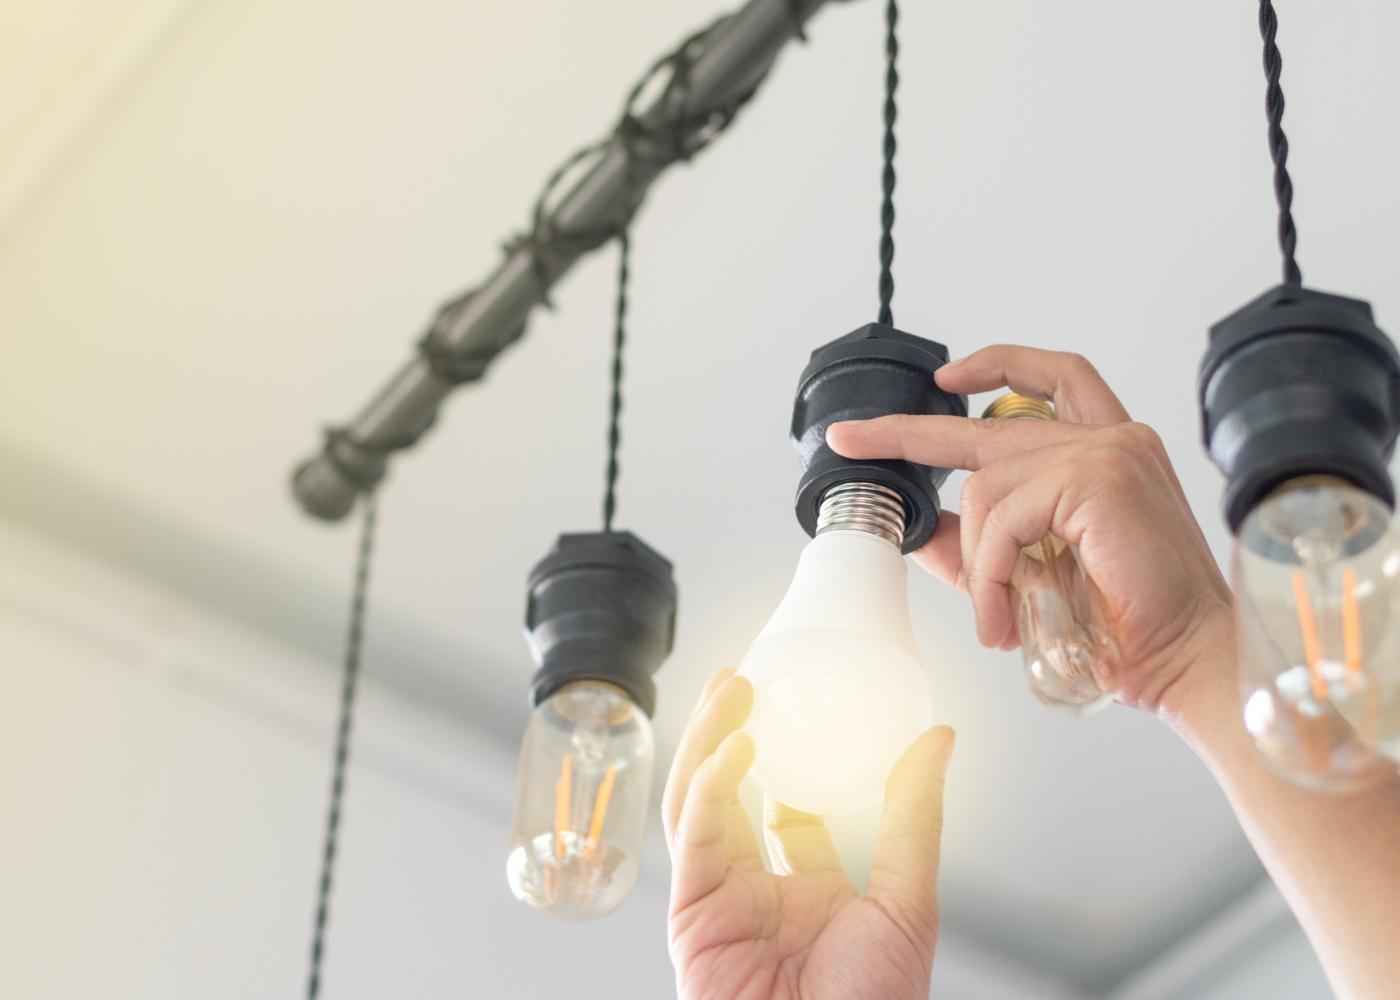 Mulher a substituir lâmpadas incandescentes por lâmpadas LED